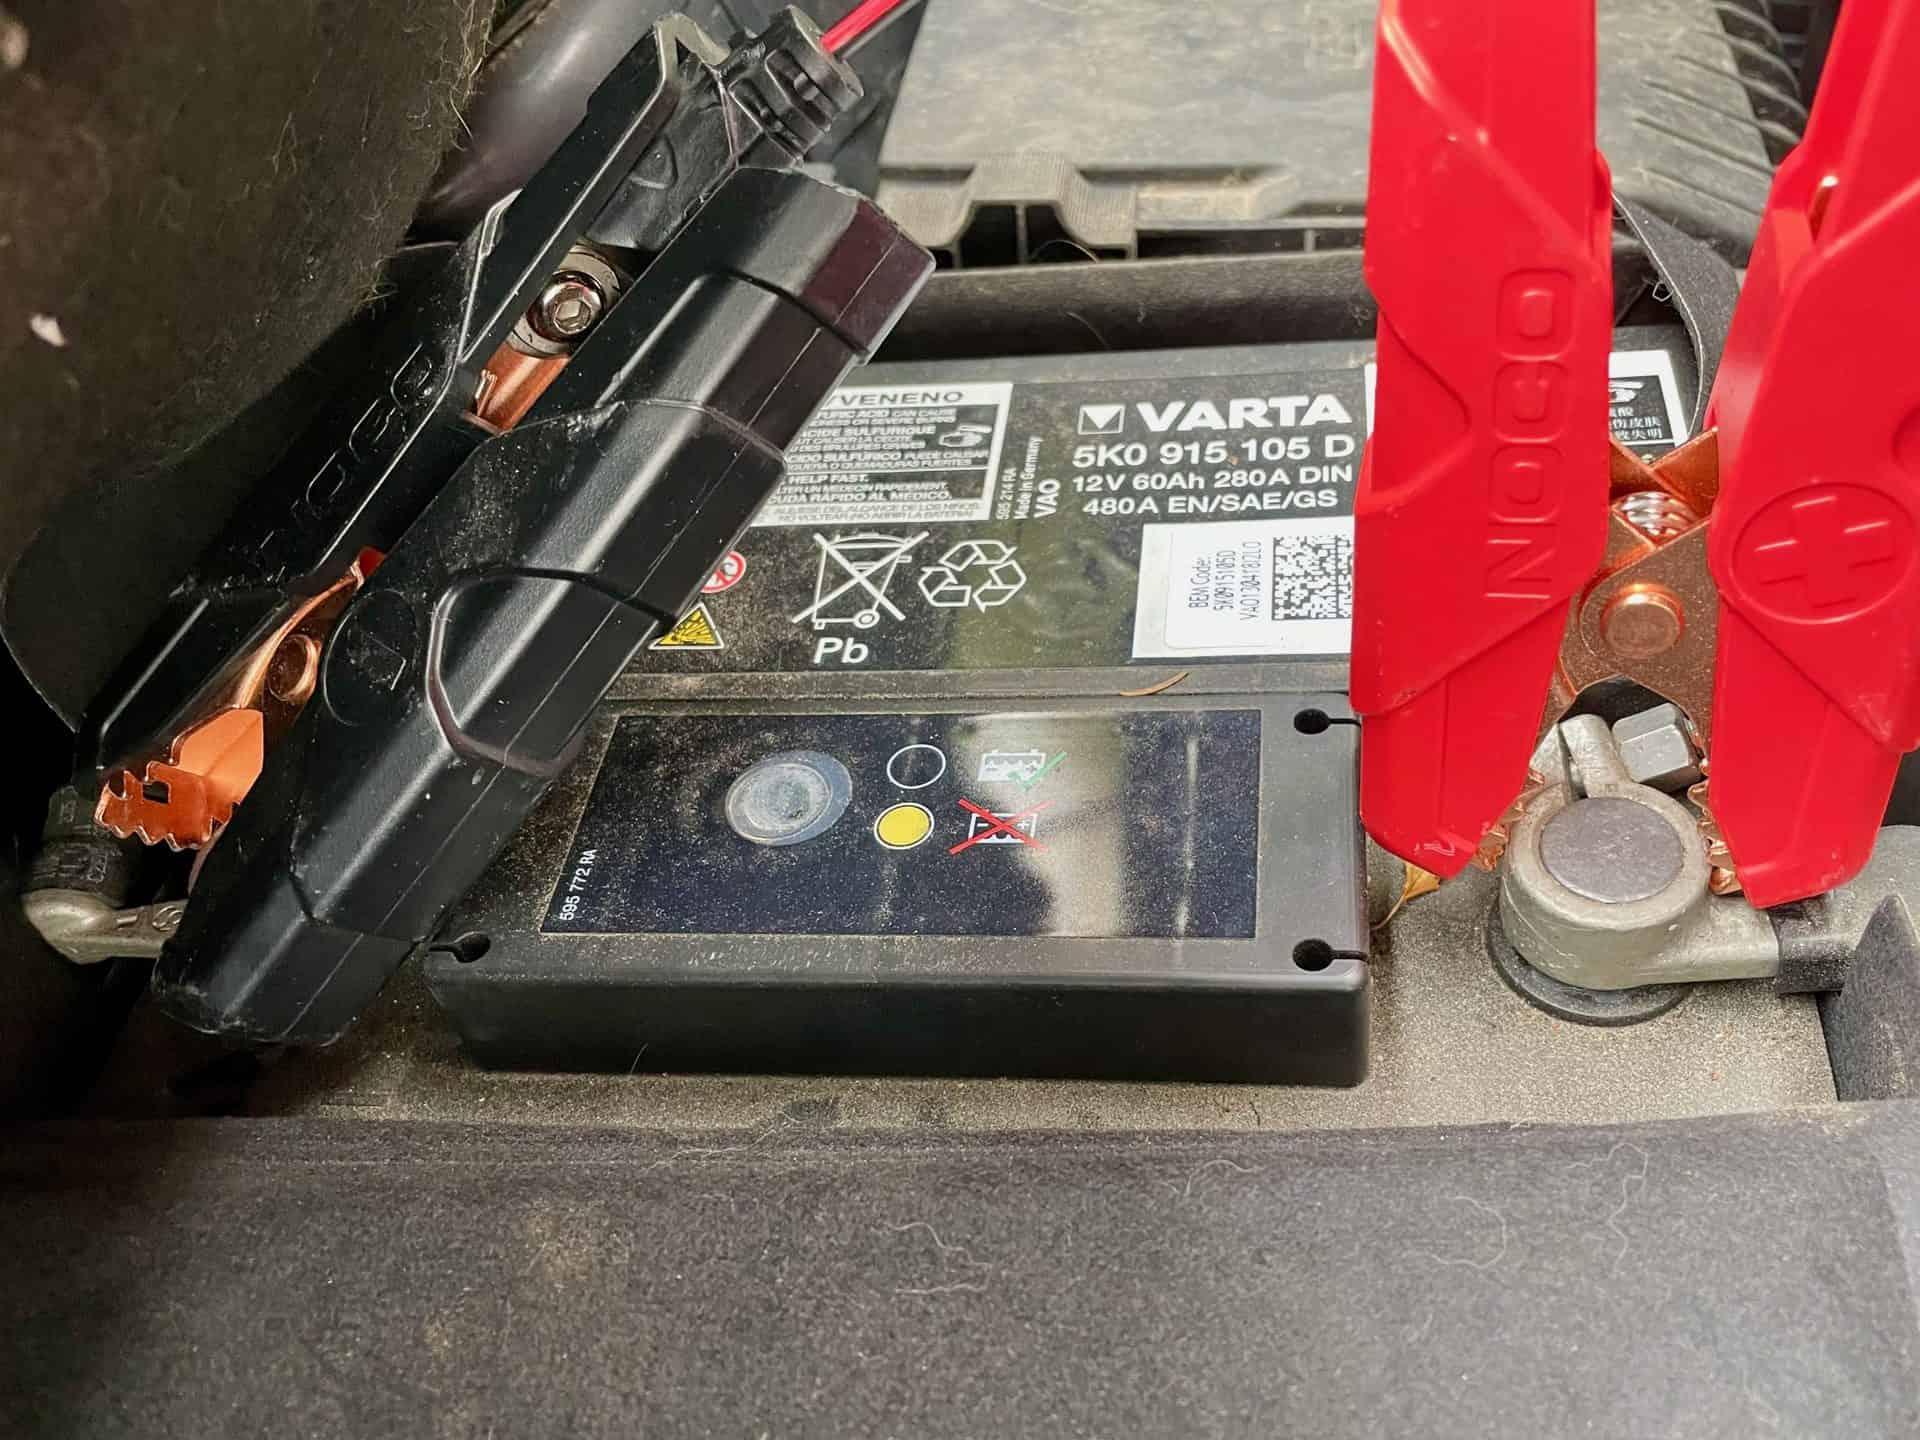 Noco-Genius-G15000-im-Einsatz-Bleibatterie-am-Auto